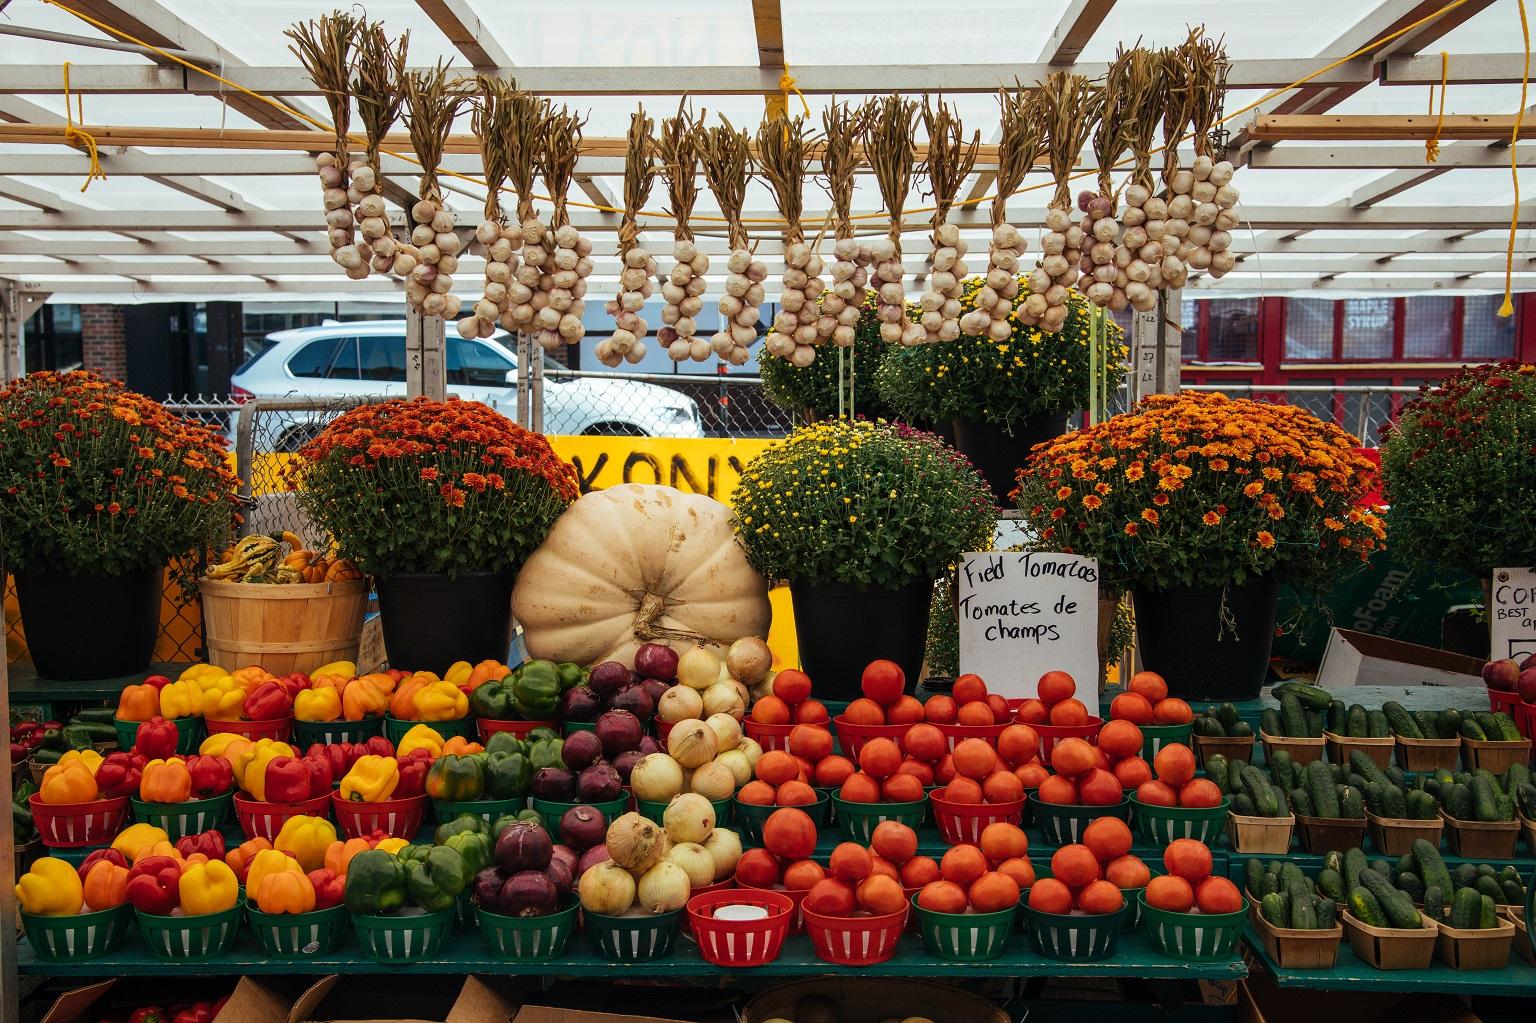 Riche en couleurs, le marché By est une corne d'abondance de fruits, de légumes et de fleurs.